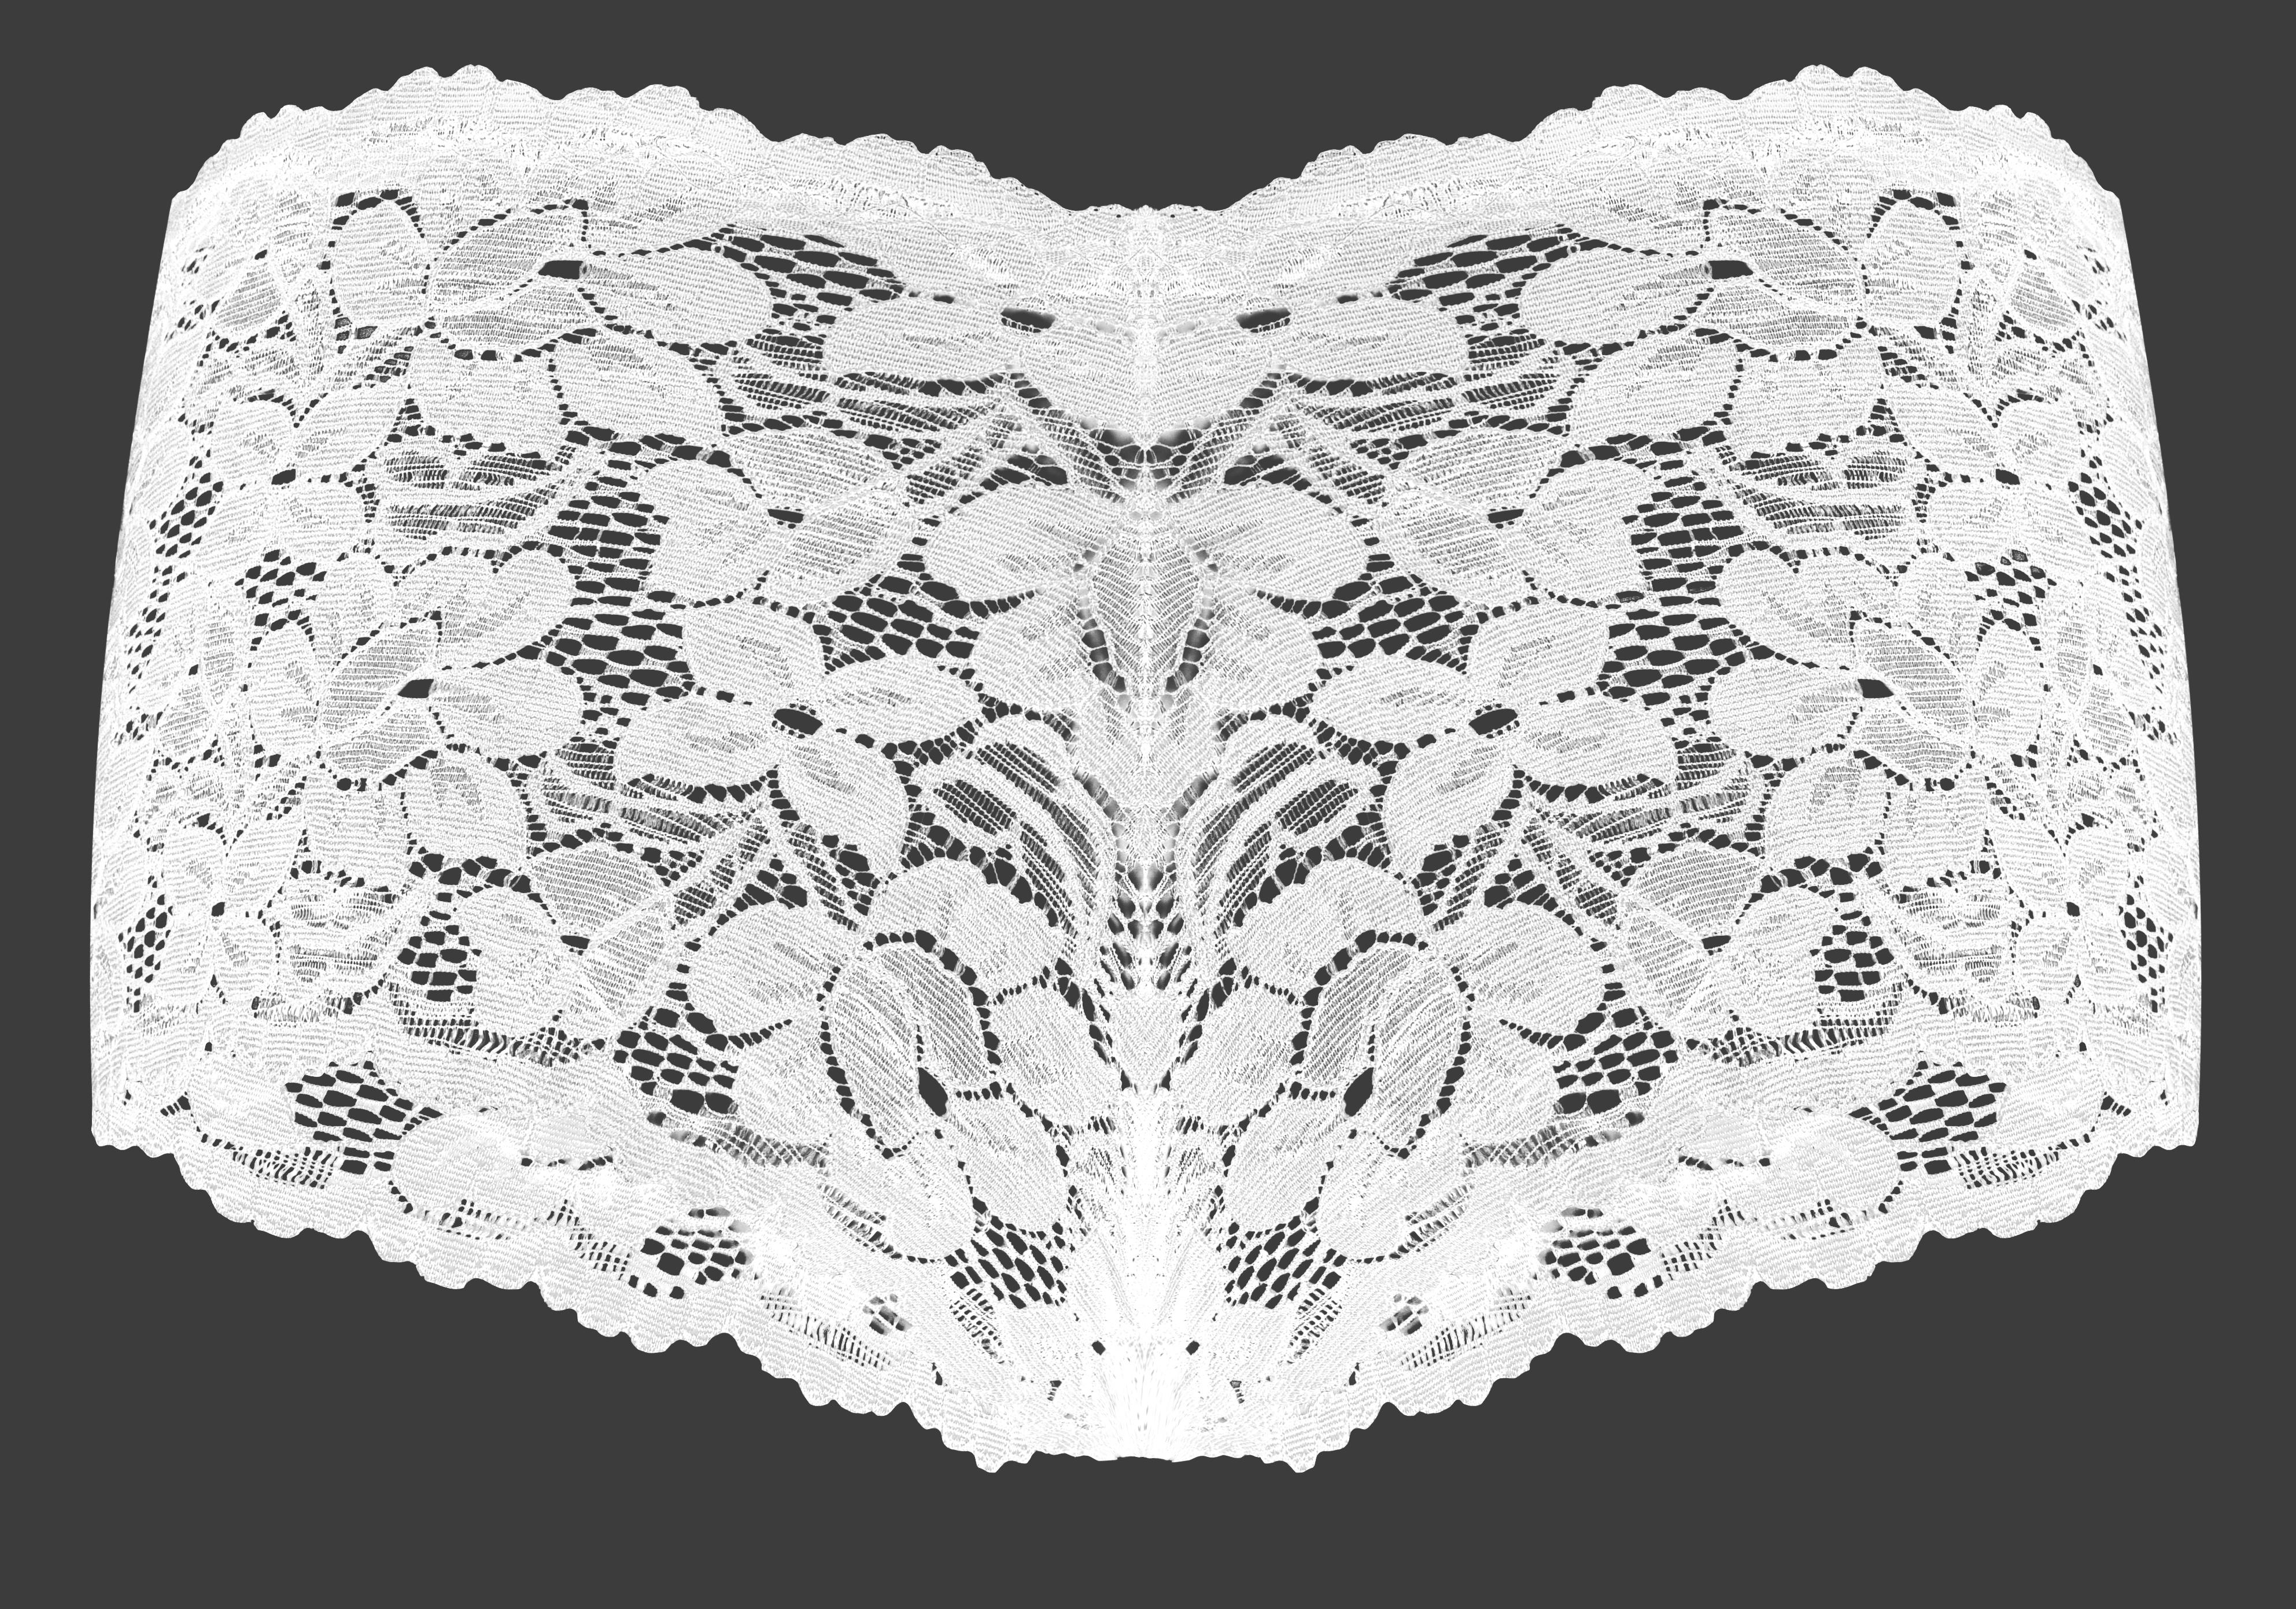 FC21641-Celočipkované nohavičky BOXERKY bielej